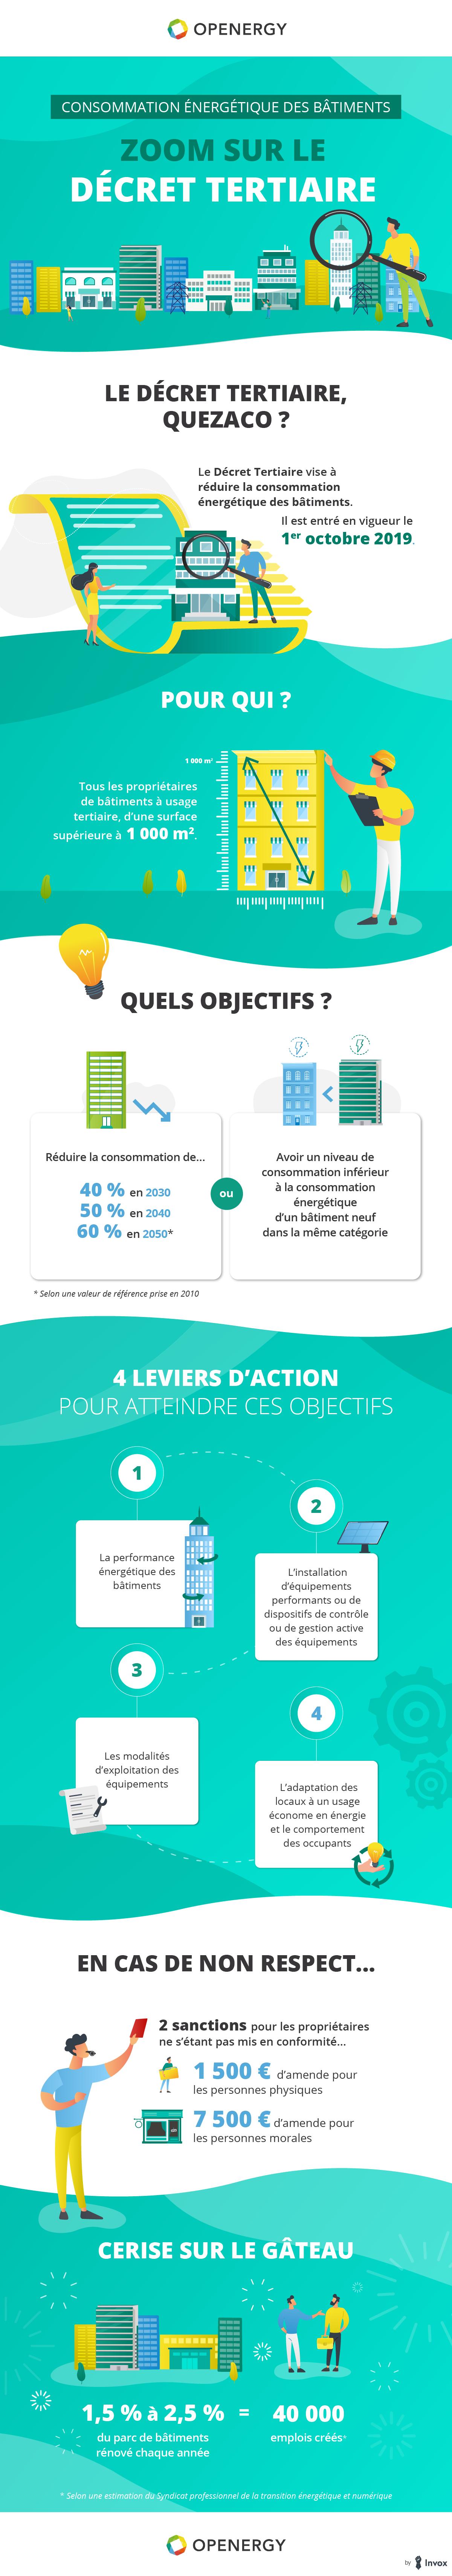 Consommation énergétique des bâtiments : le décret tertiaire en infographie